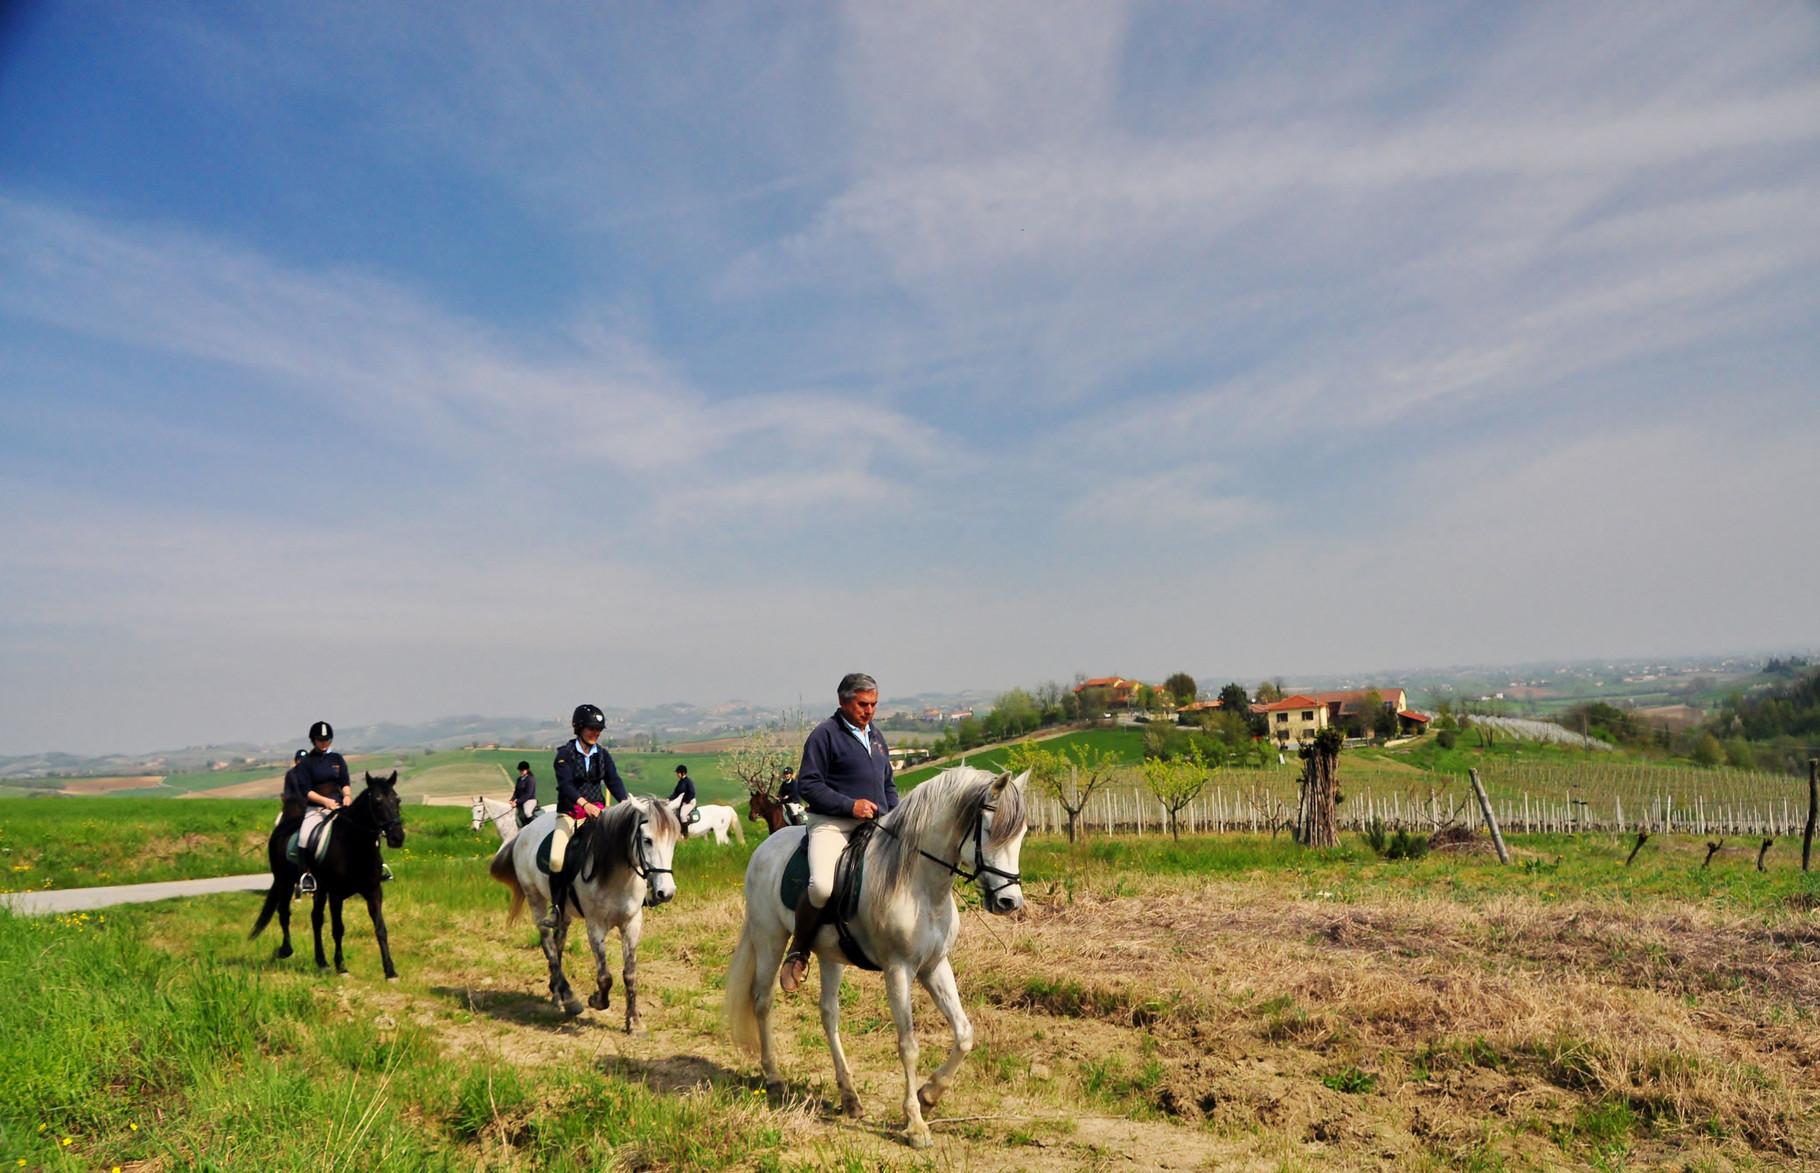 A cavallo sulle colline